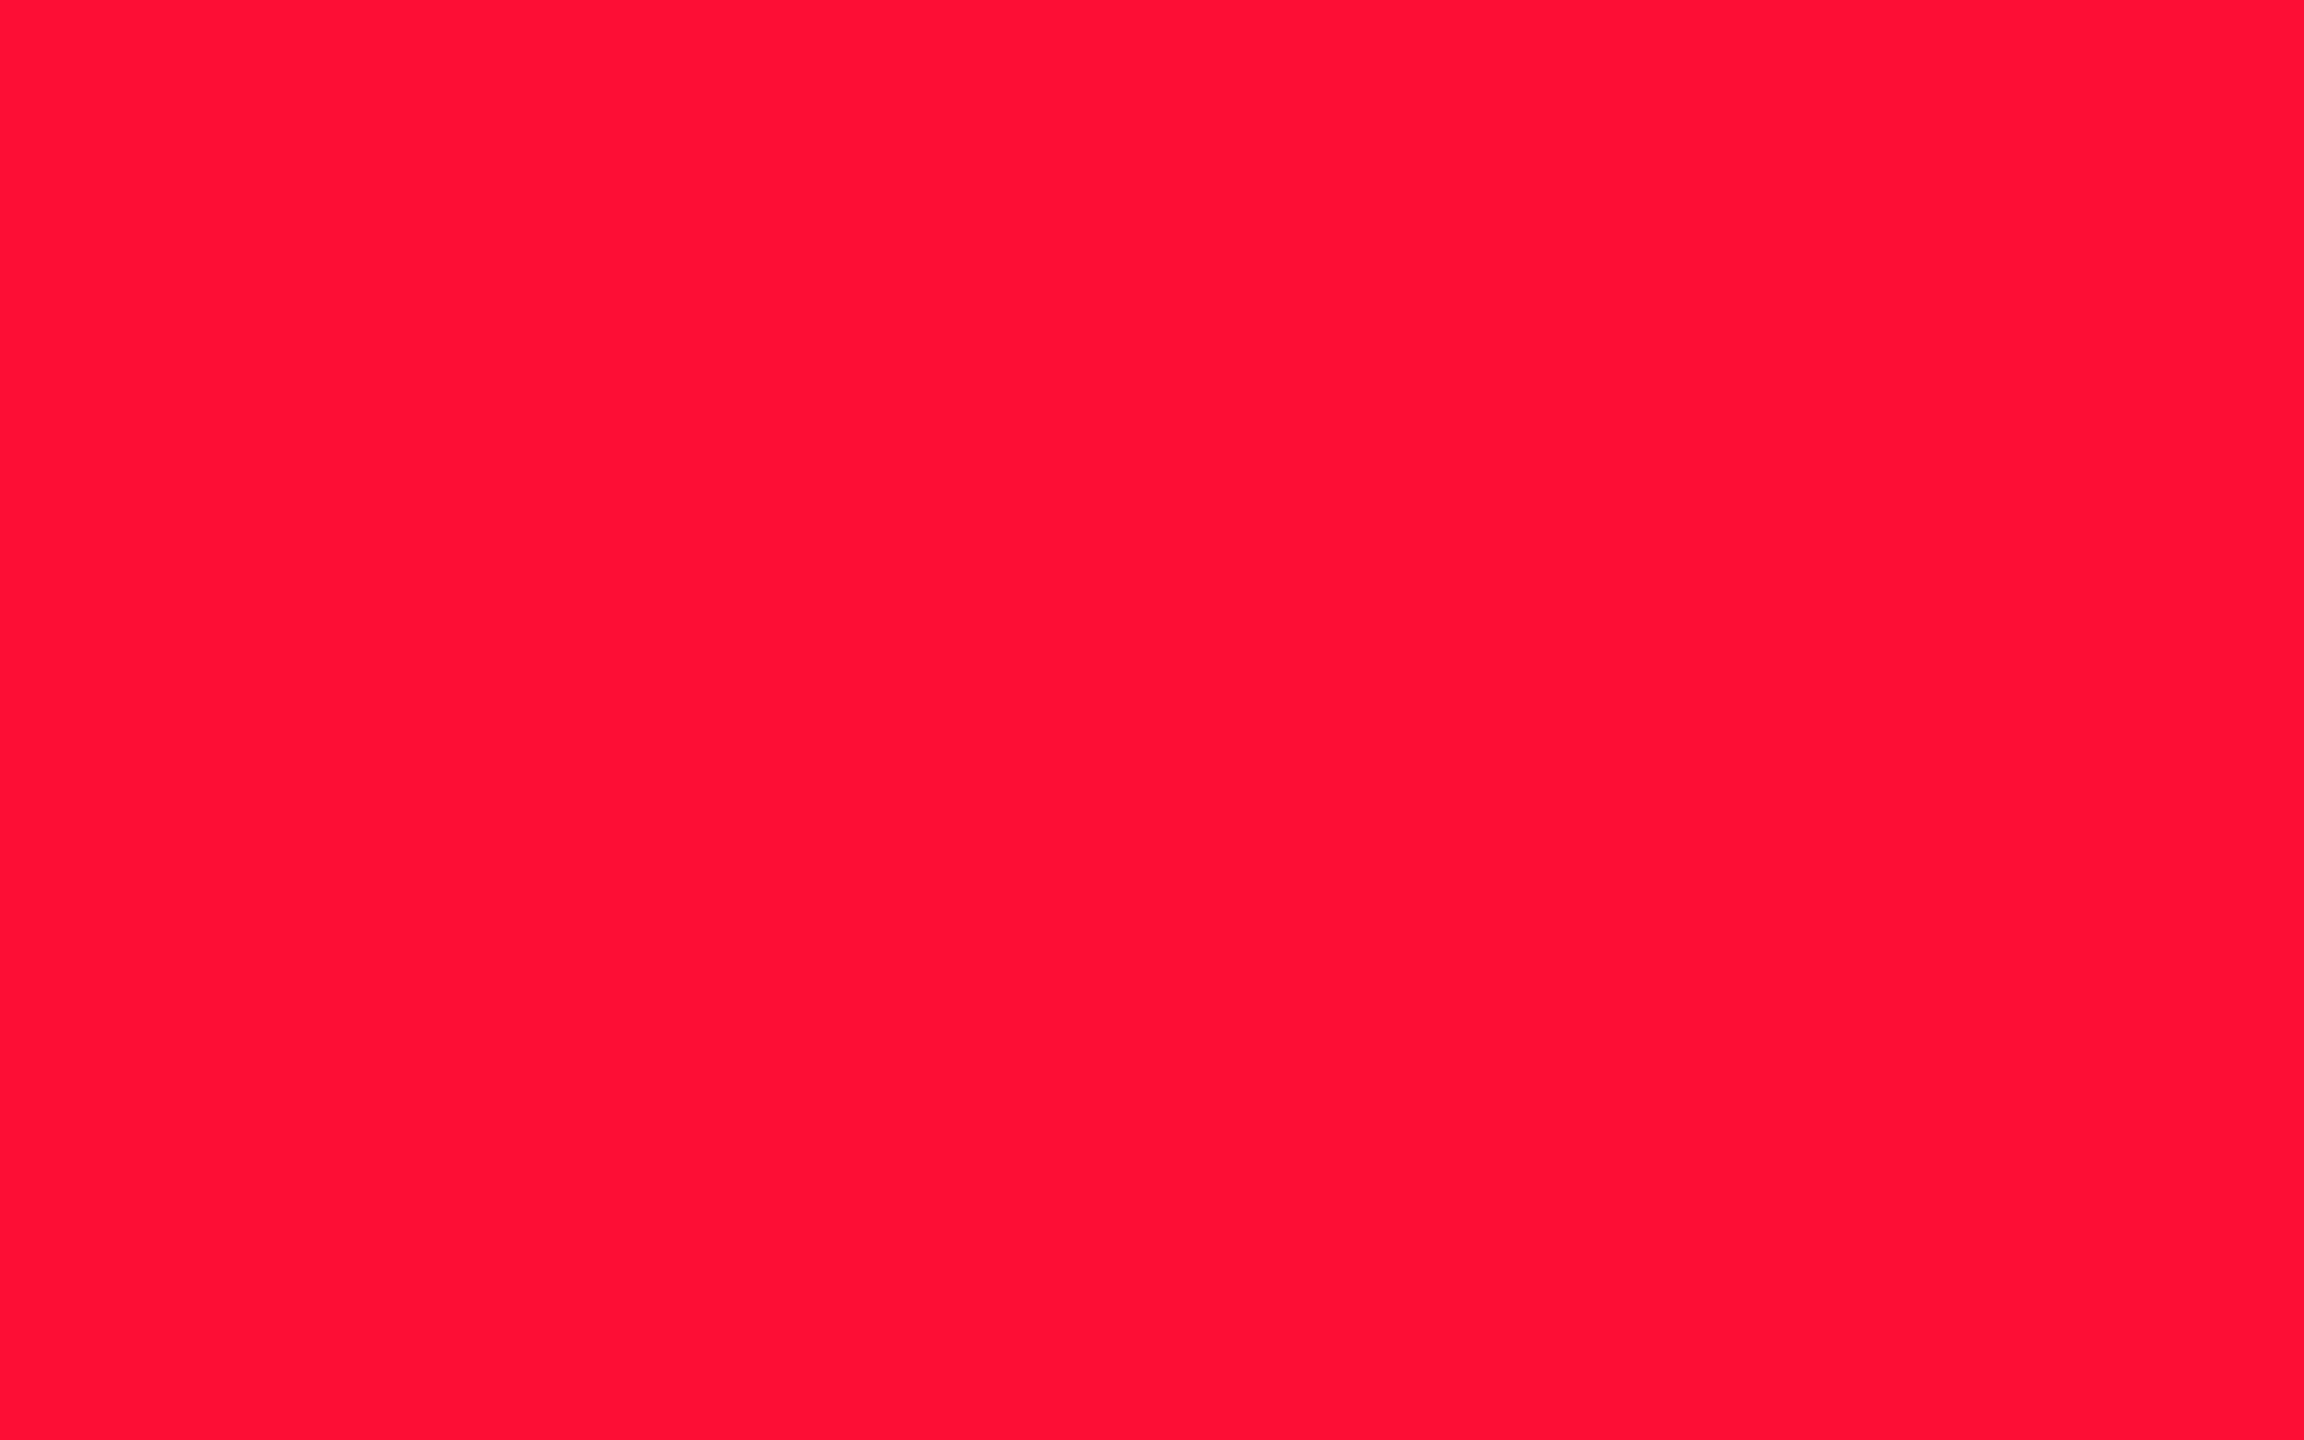 2304x1440 Scarlet Crayola Solid Color Background